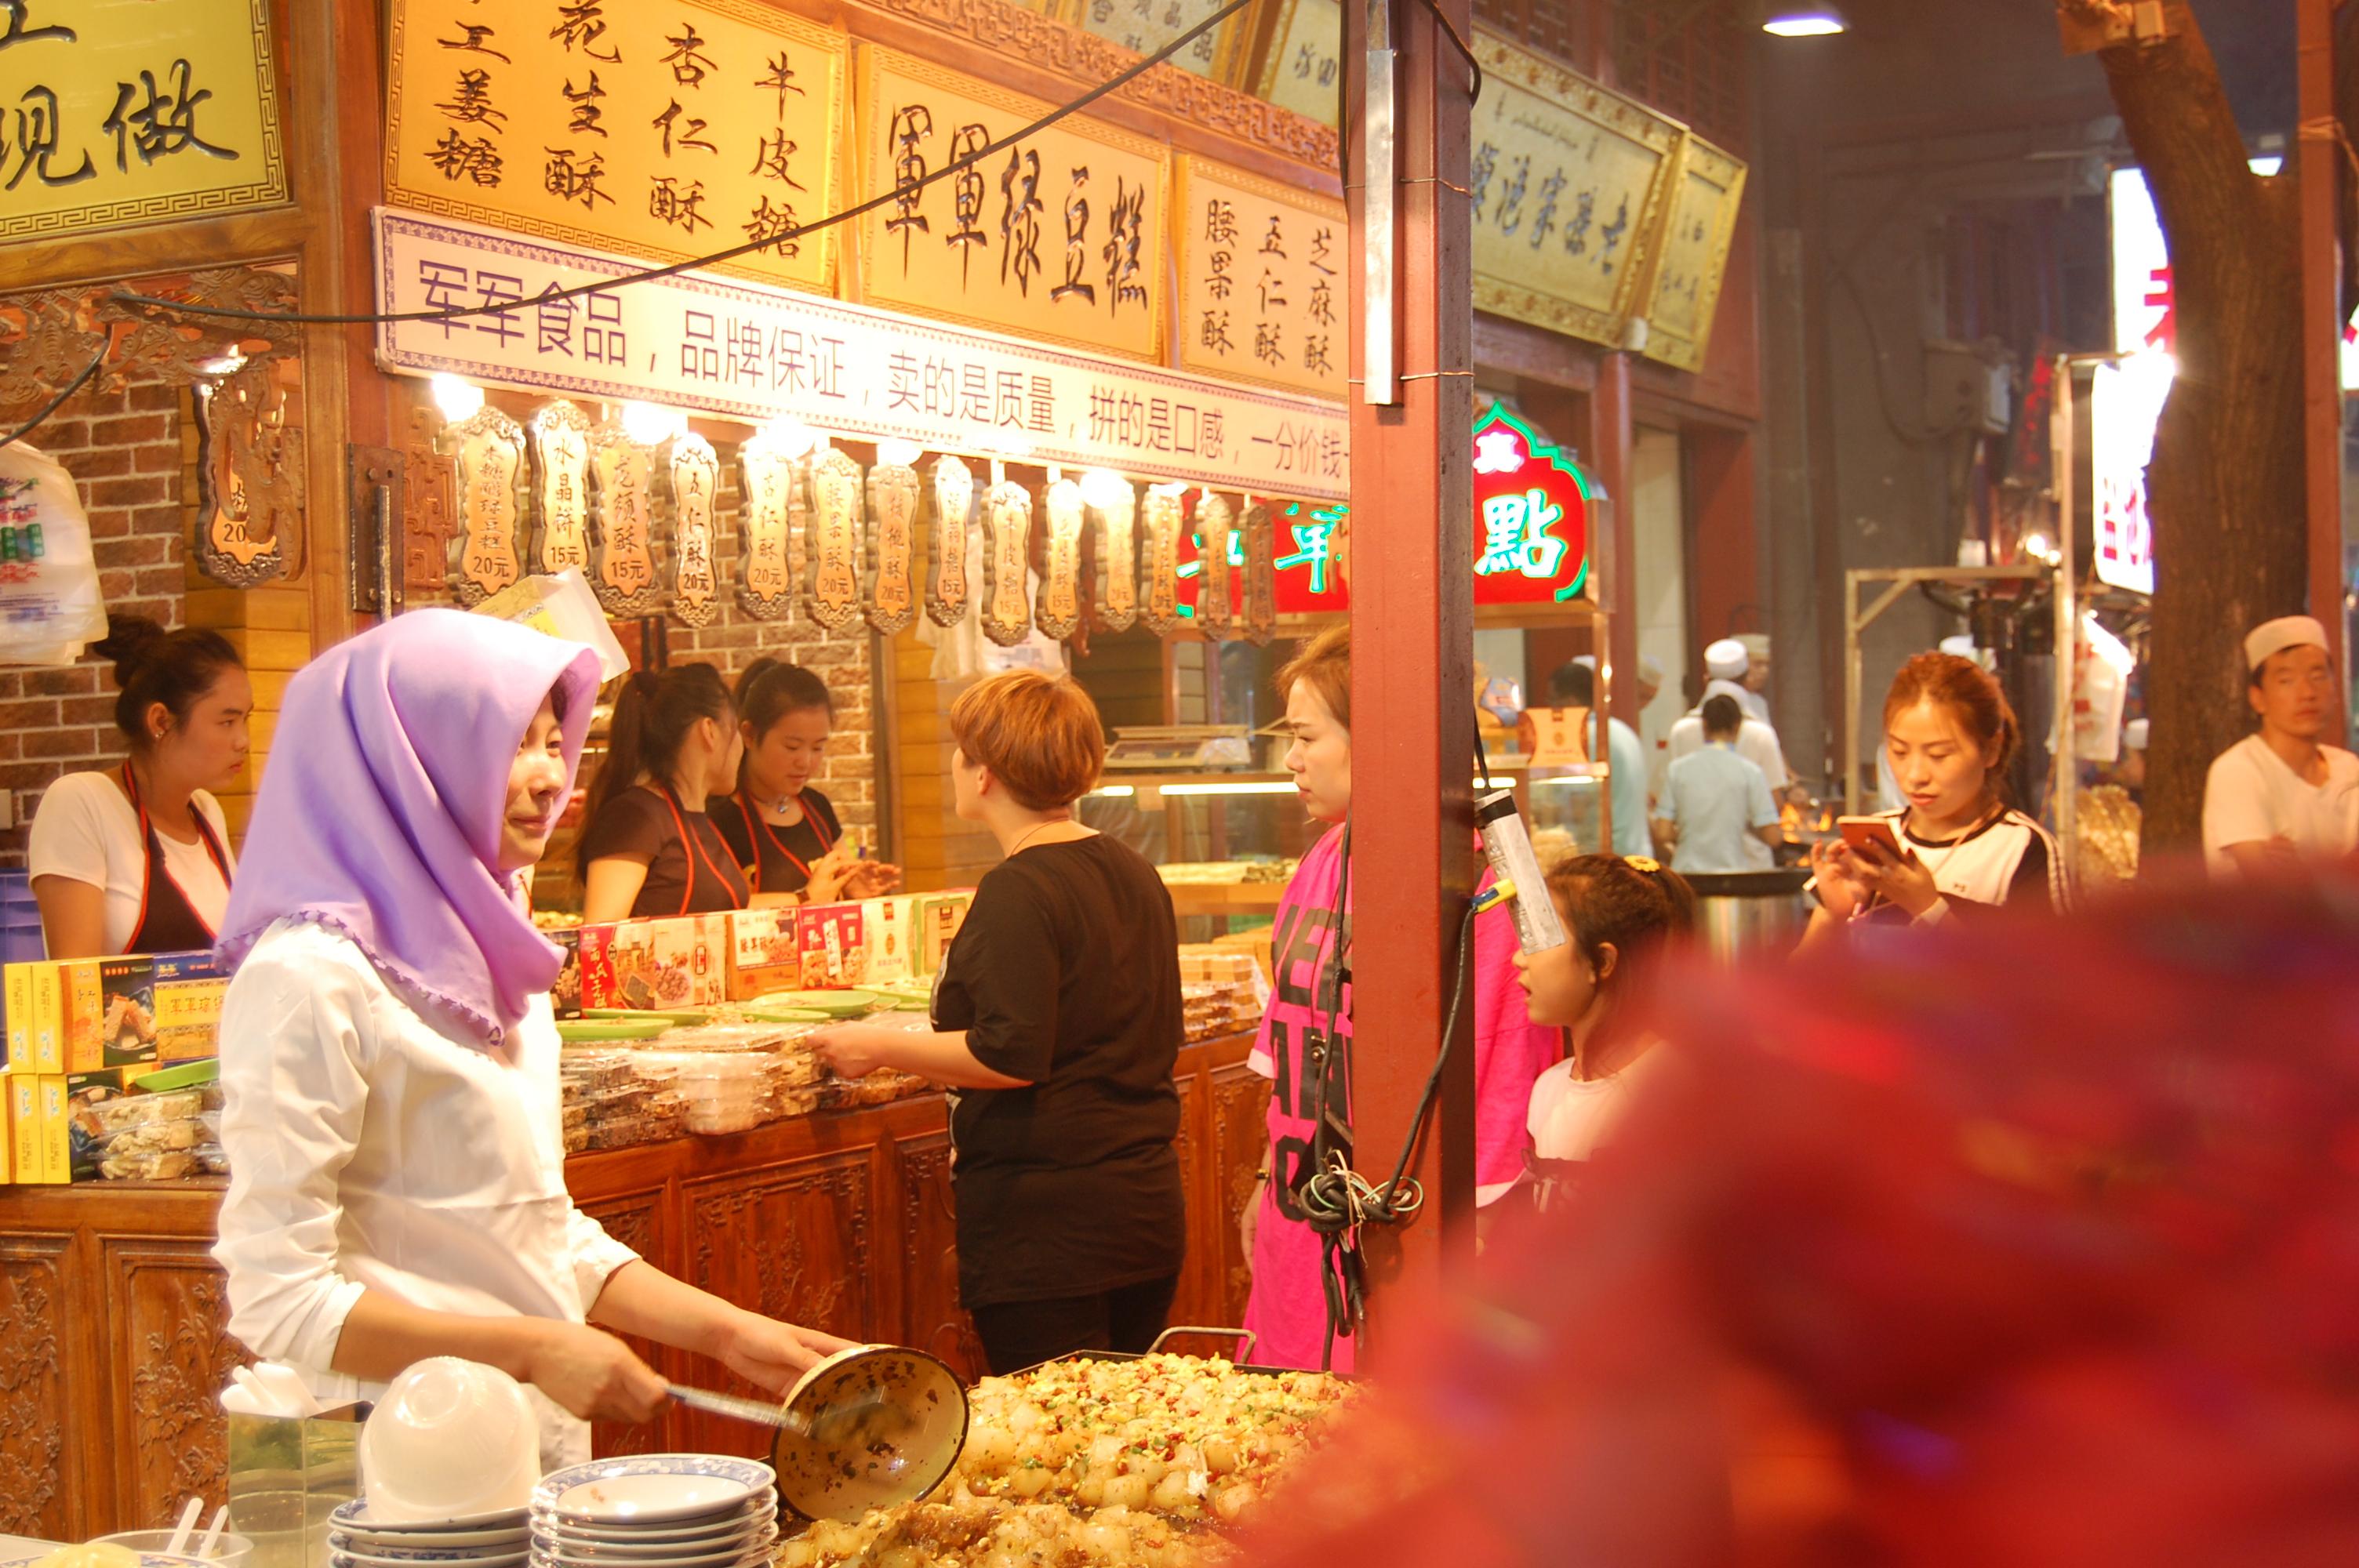 Die Bekanntschaft mit orientalischen Footjobs